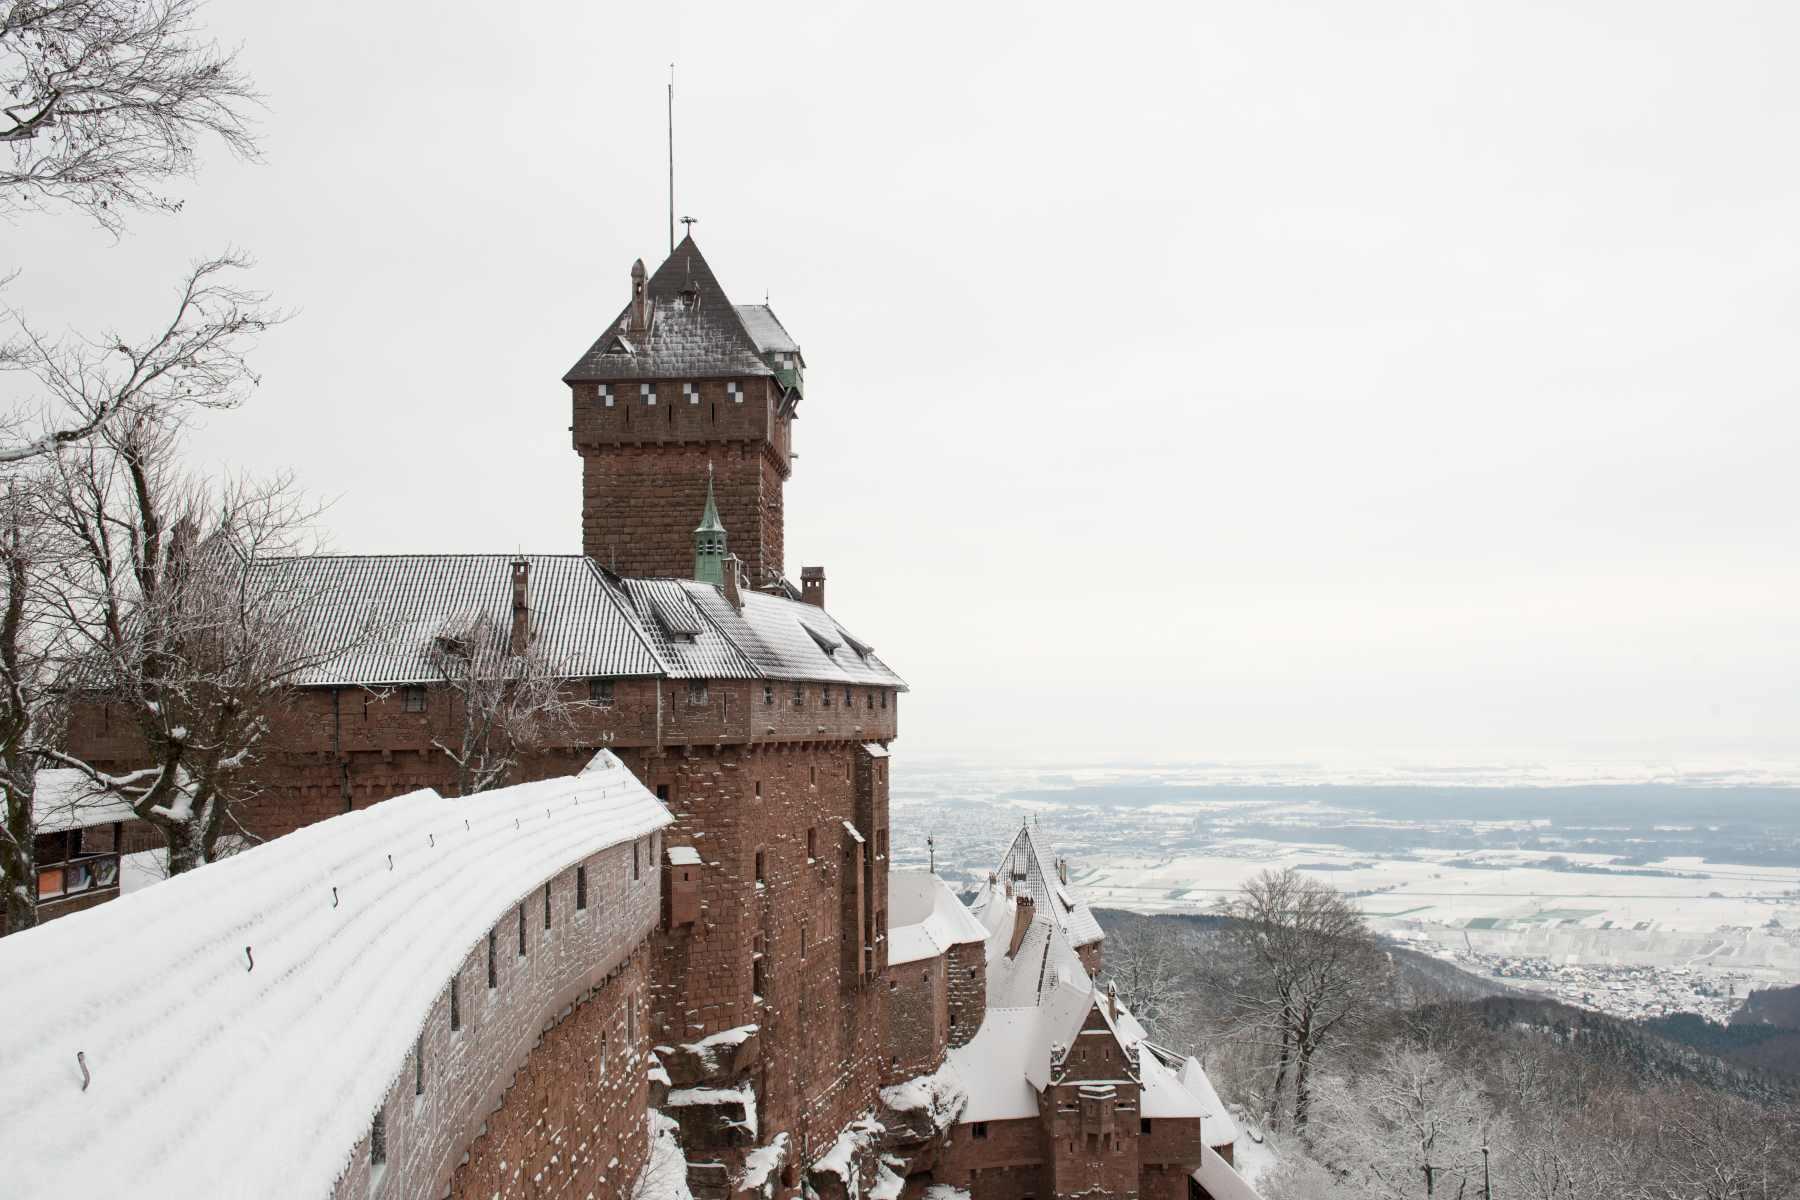 'Même tout blanc, il est ouvert !' - crédit photo : château du Haut-Koenigsbourg